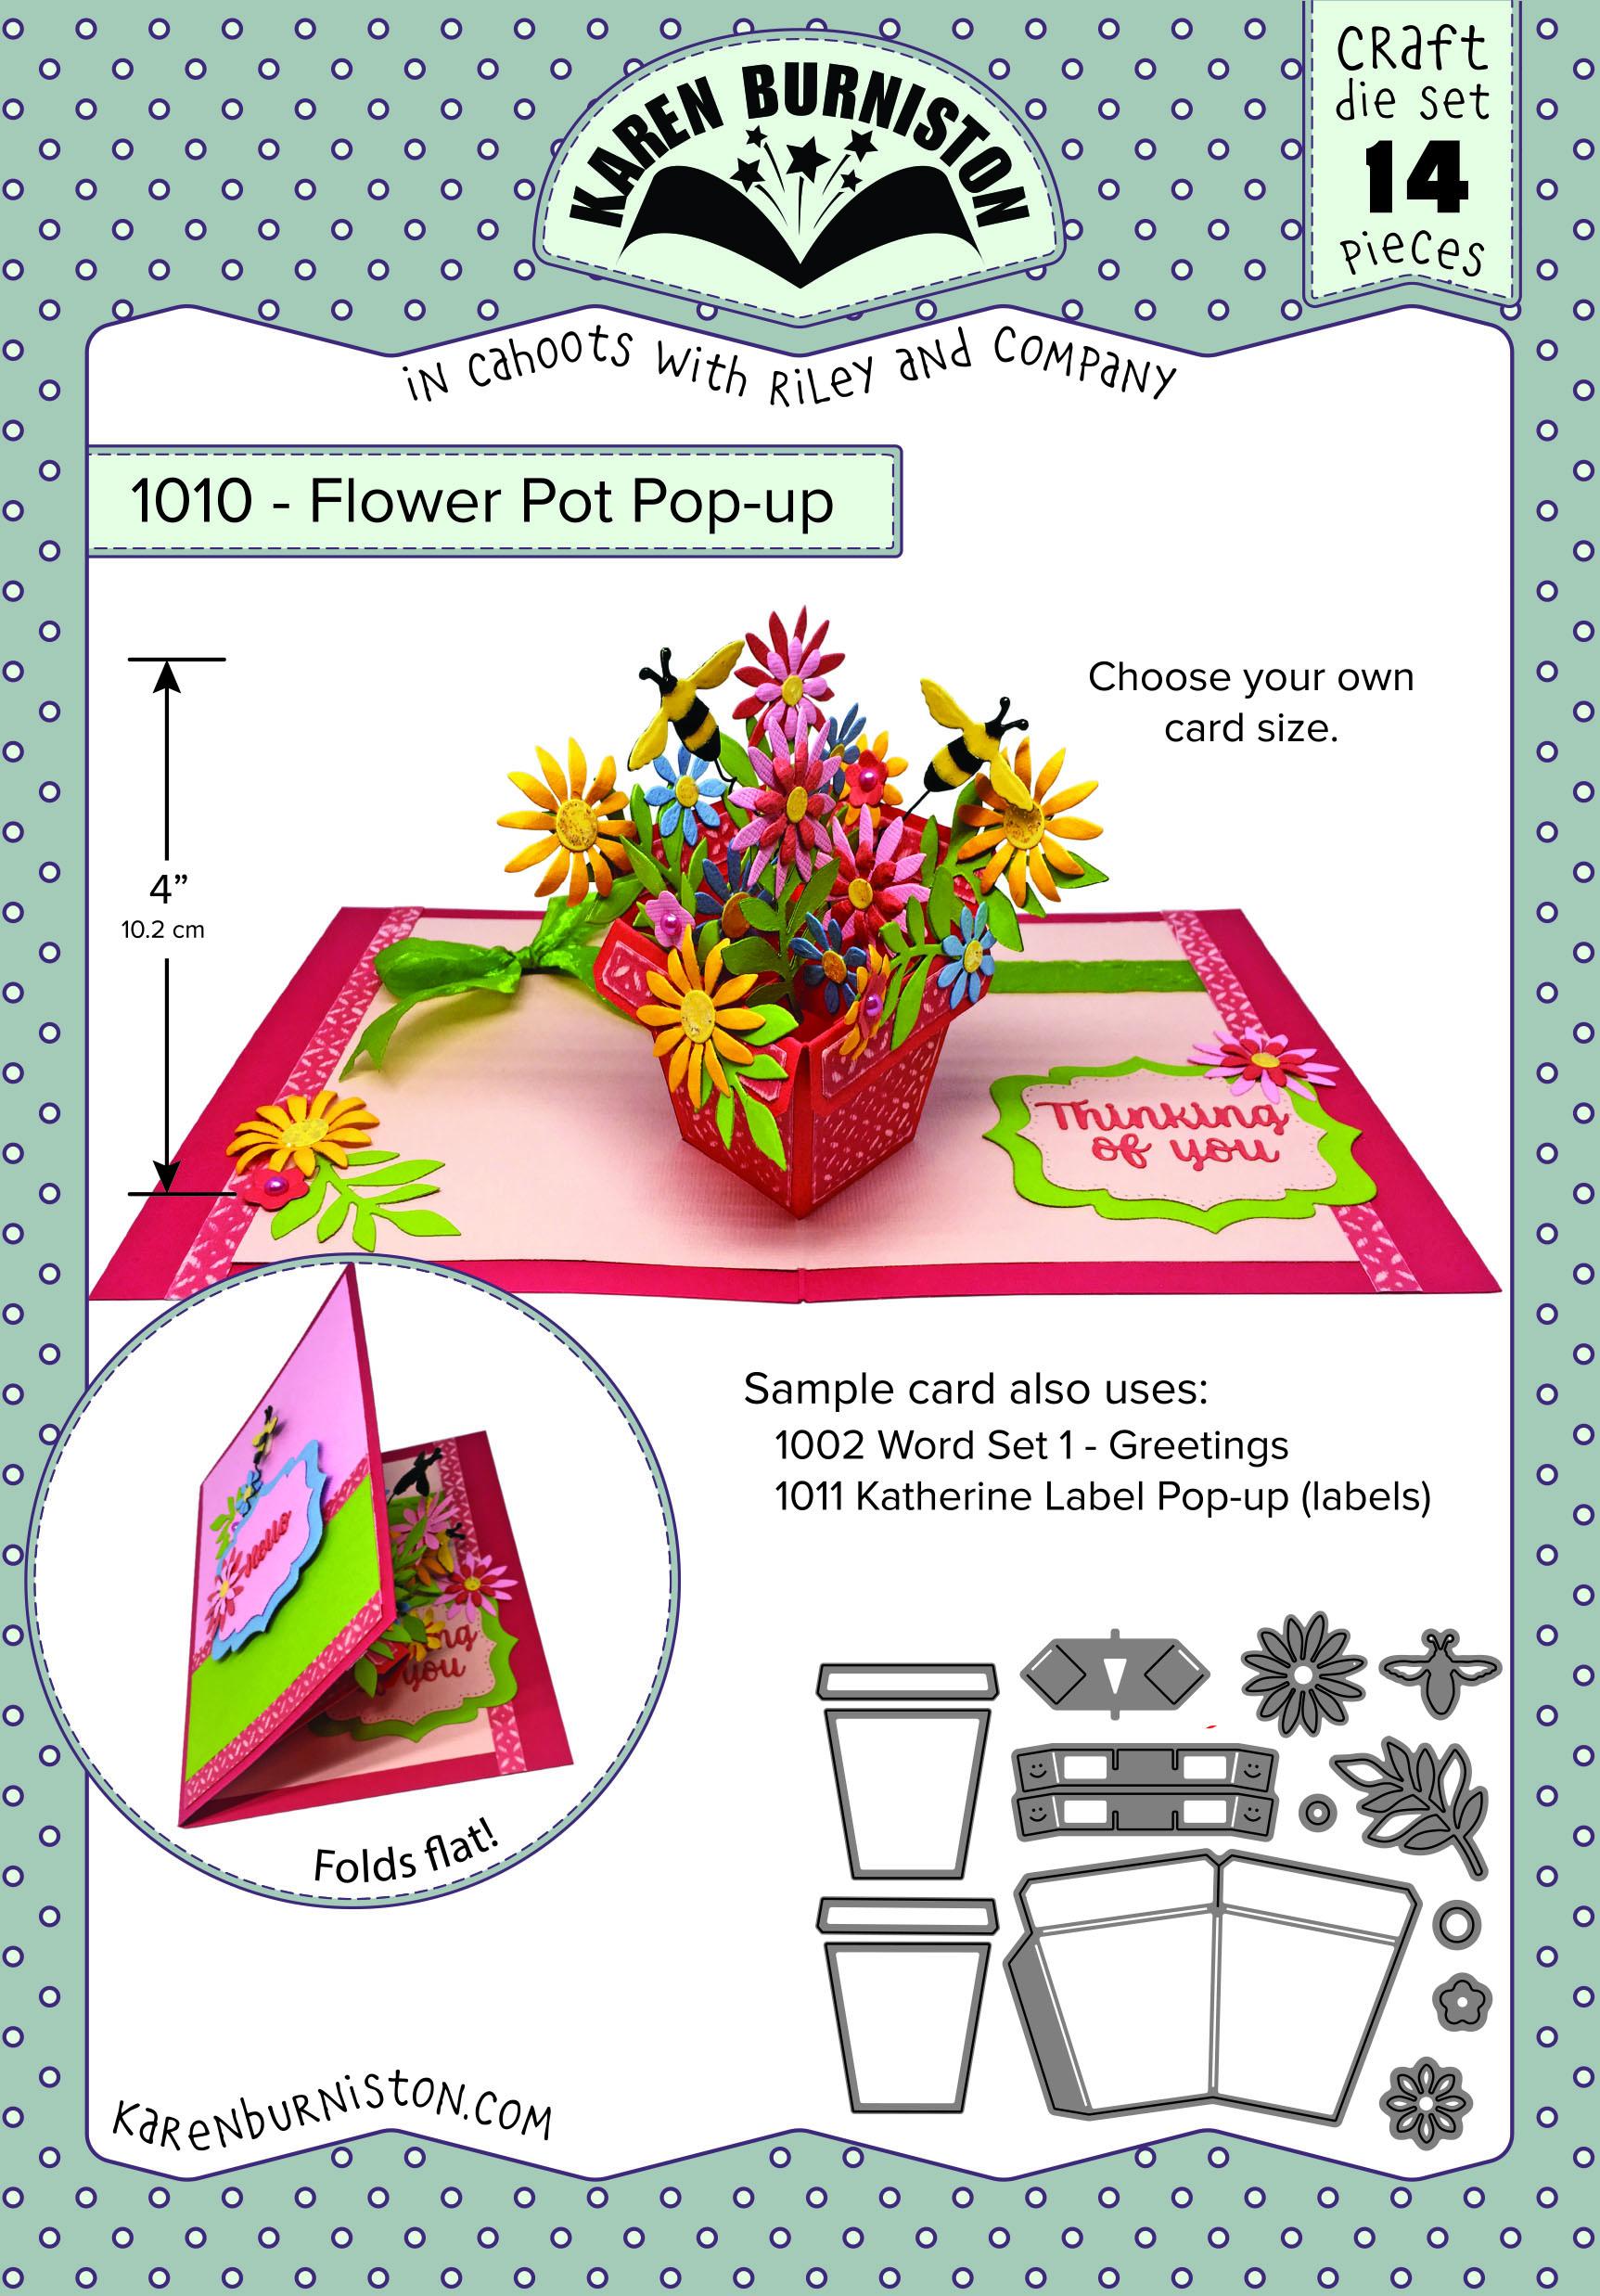 1010-flowerpotpopup.jpg